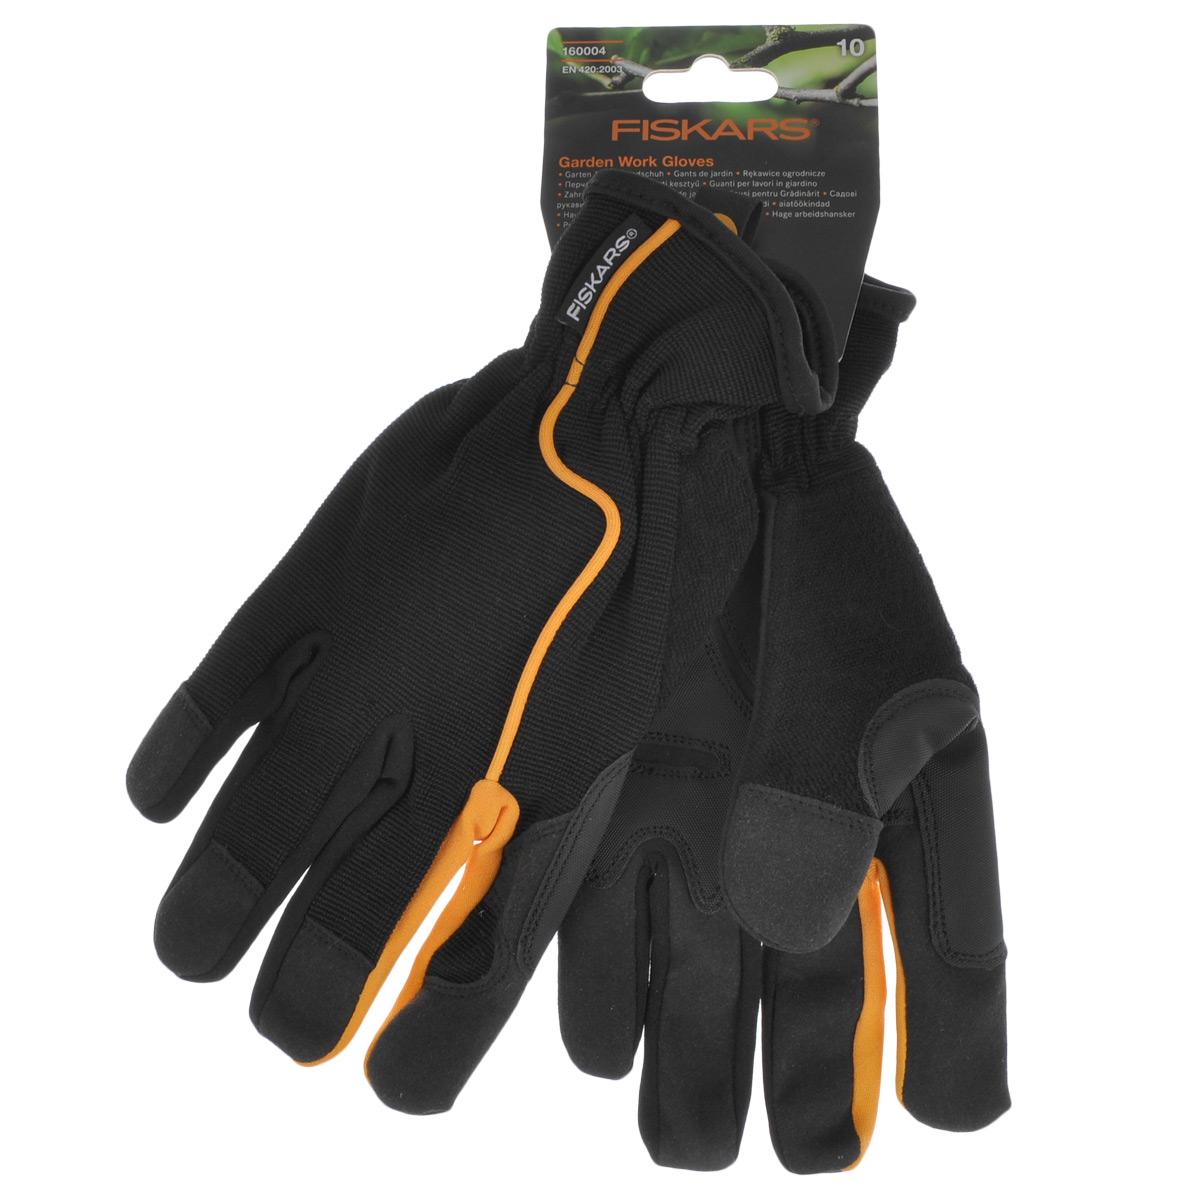 Перчатки садовые Fiskars, цвет: черный, оранжевый. Размер 10160004Перчатки Fiskars изготовлены из текстиля с вставками искусственной замши и резины. Они предназначены для защиты рук от повреждений. Перчатки не сковывают движения кистей рук и обеспечивают доступ воздуха. На ладонях имеется противоскользящие вставки для надежного захвата. Манжеты на резинке плотно обхватывают запястья. Мягкие перчатки удобно сидят по руке, не соскальзывая и не отвлекая от работы.